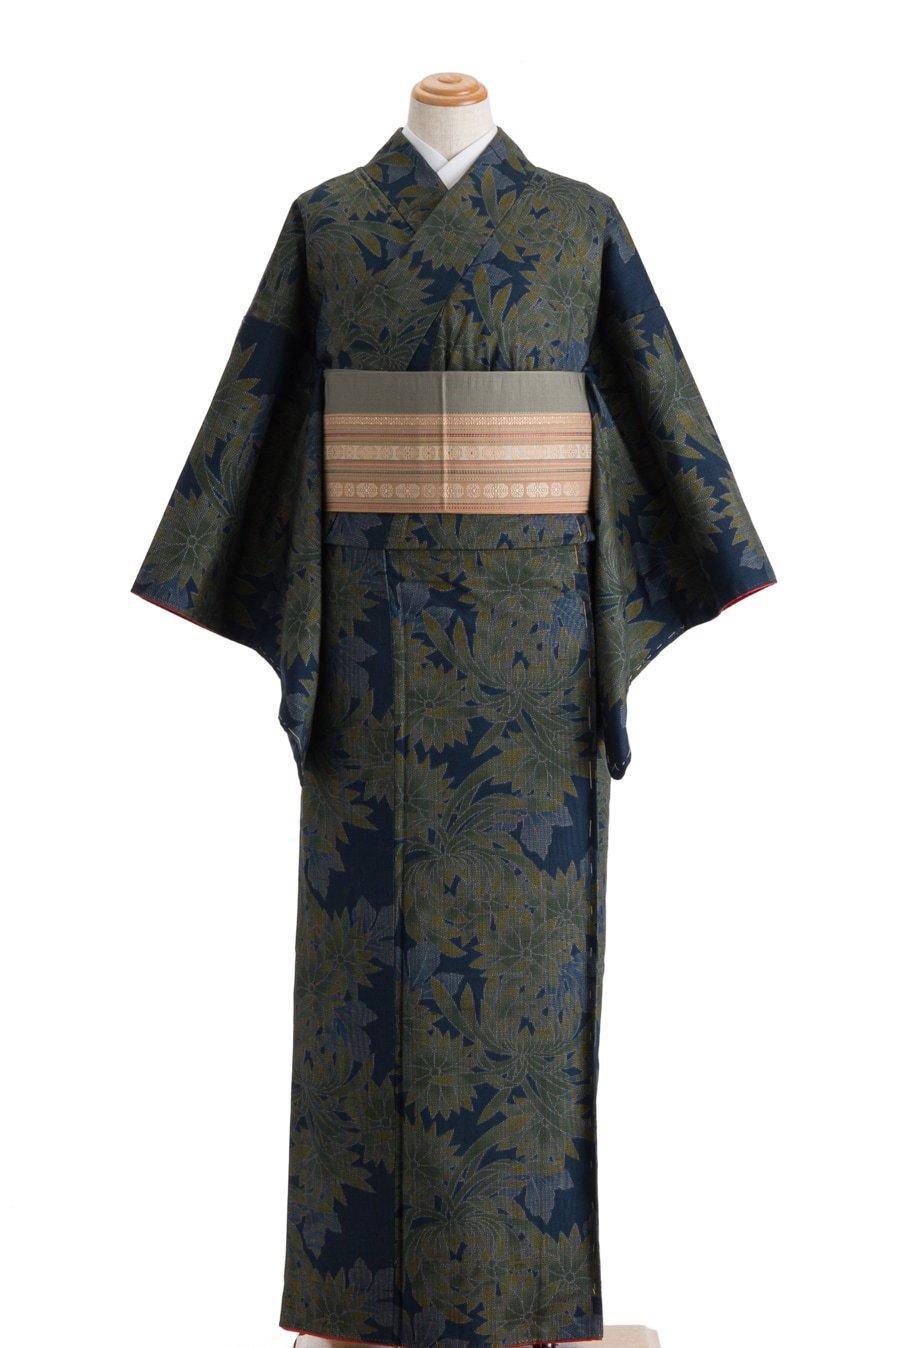 「紬 ダークカラーの菊」の商品画像